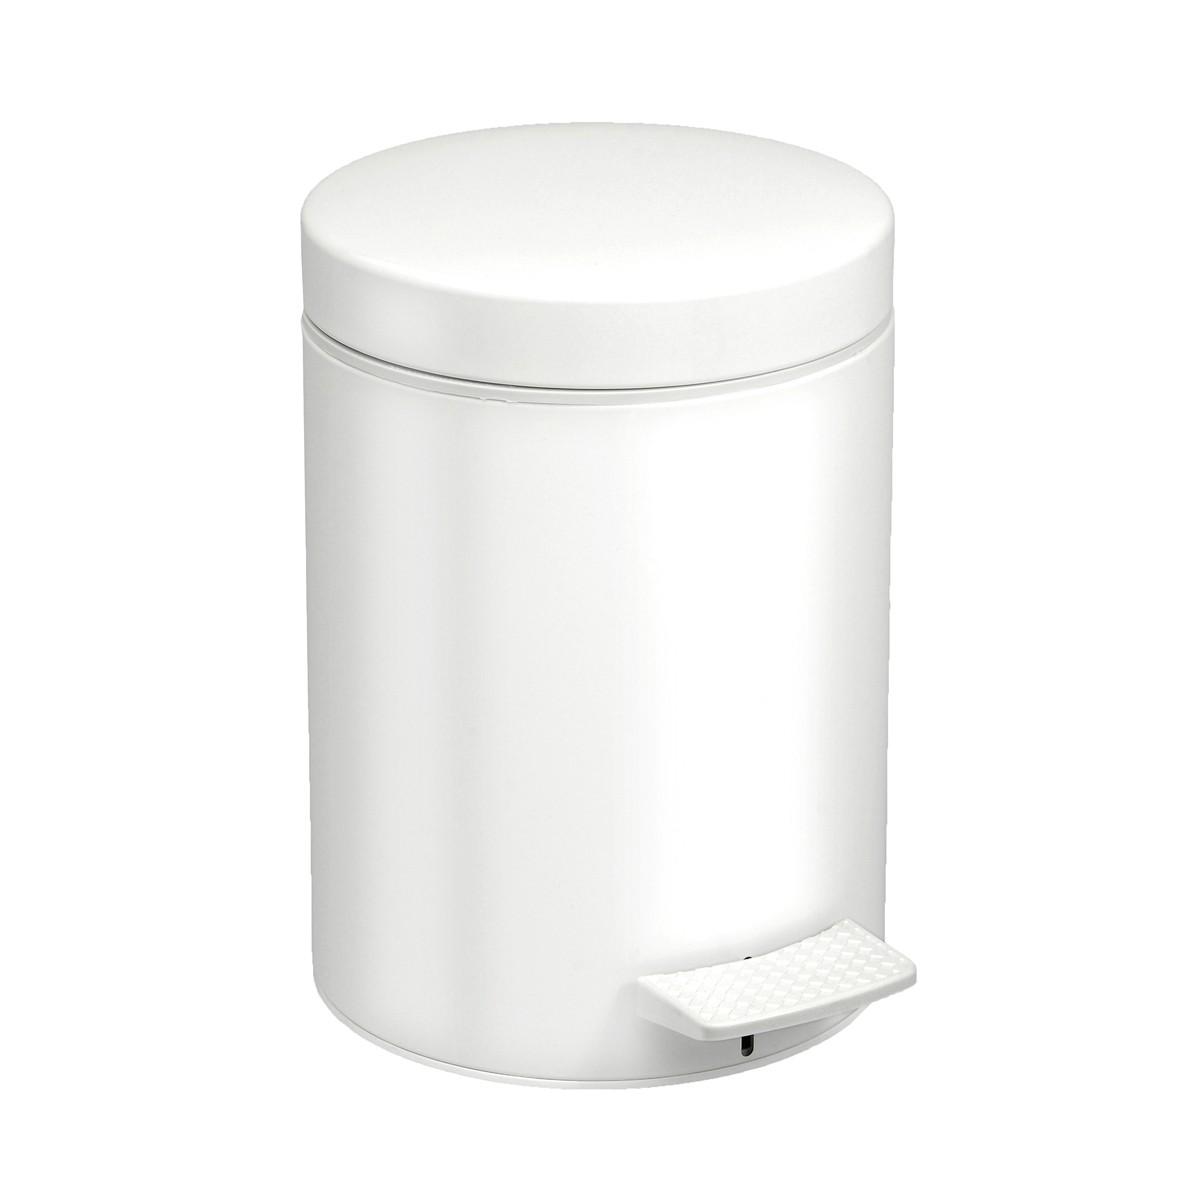 Κάδος Απορριμάτων (20x28) PamCo 5Lit 05-096-033 White Matte